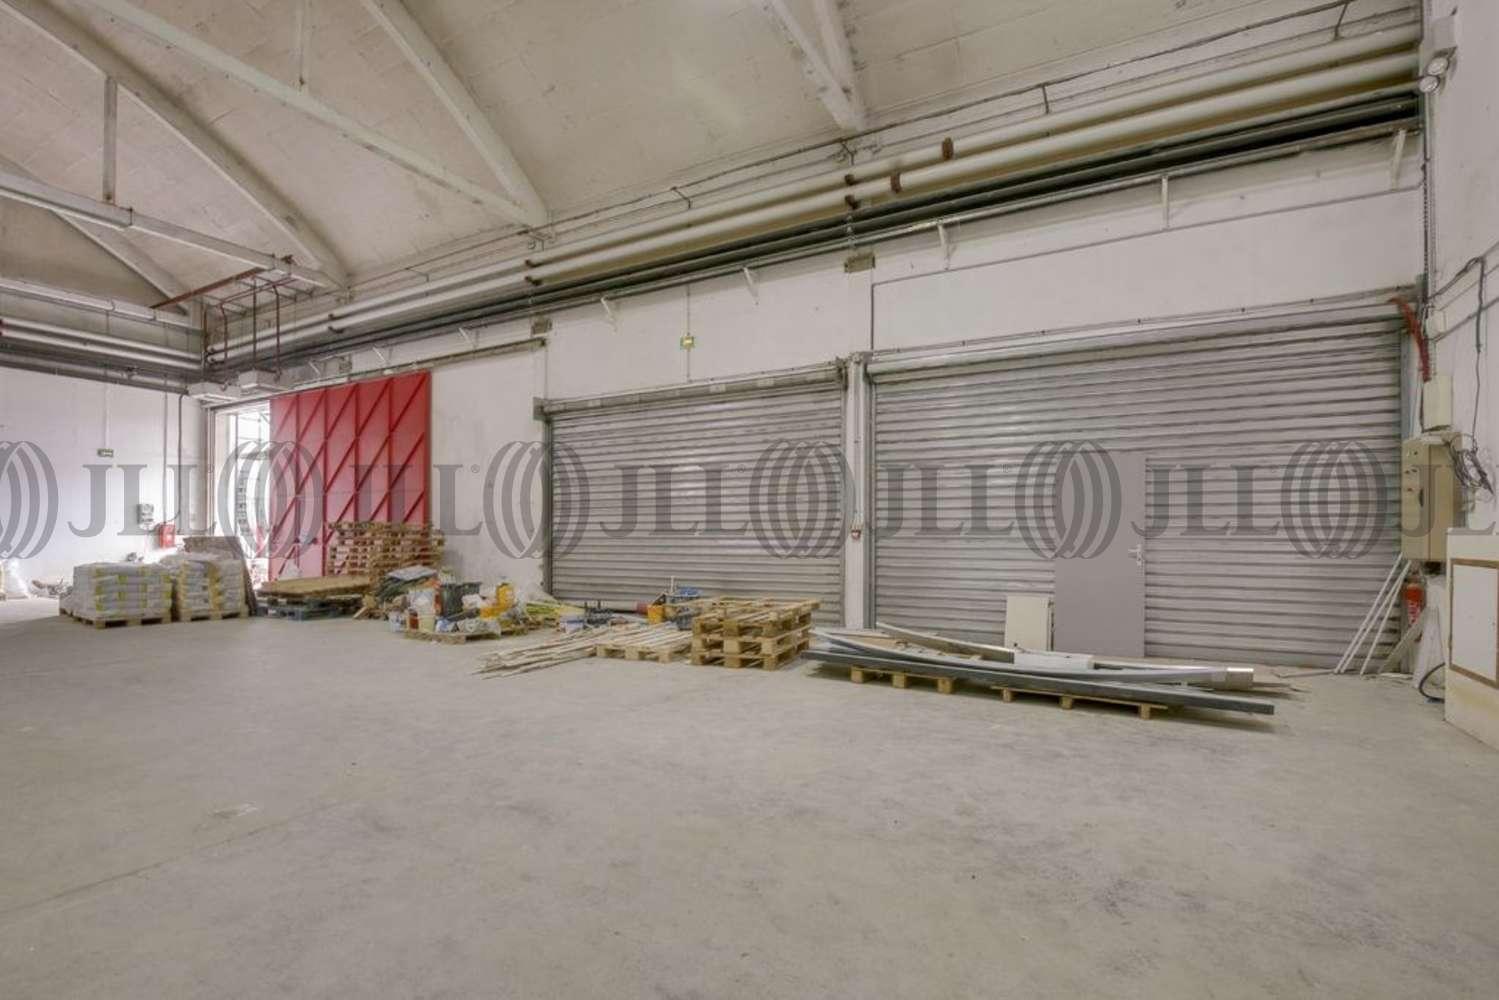 Activités/entrepôt Aubervilliers, 93300 - PARC DES PORTES DE PARIS - BAT. 211 - 10918109